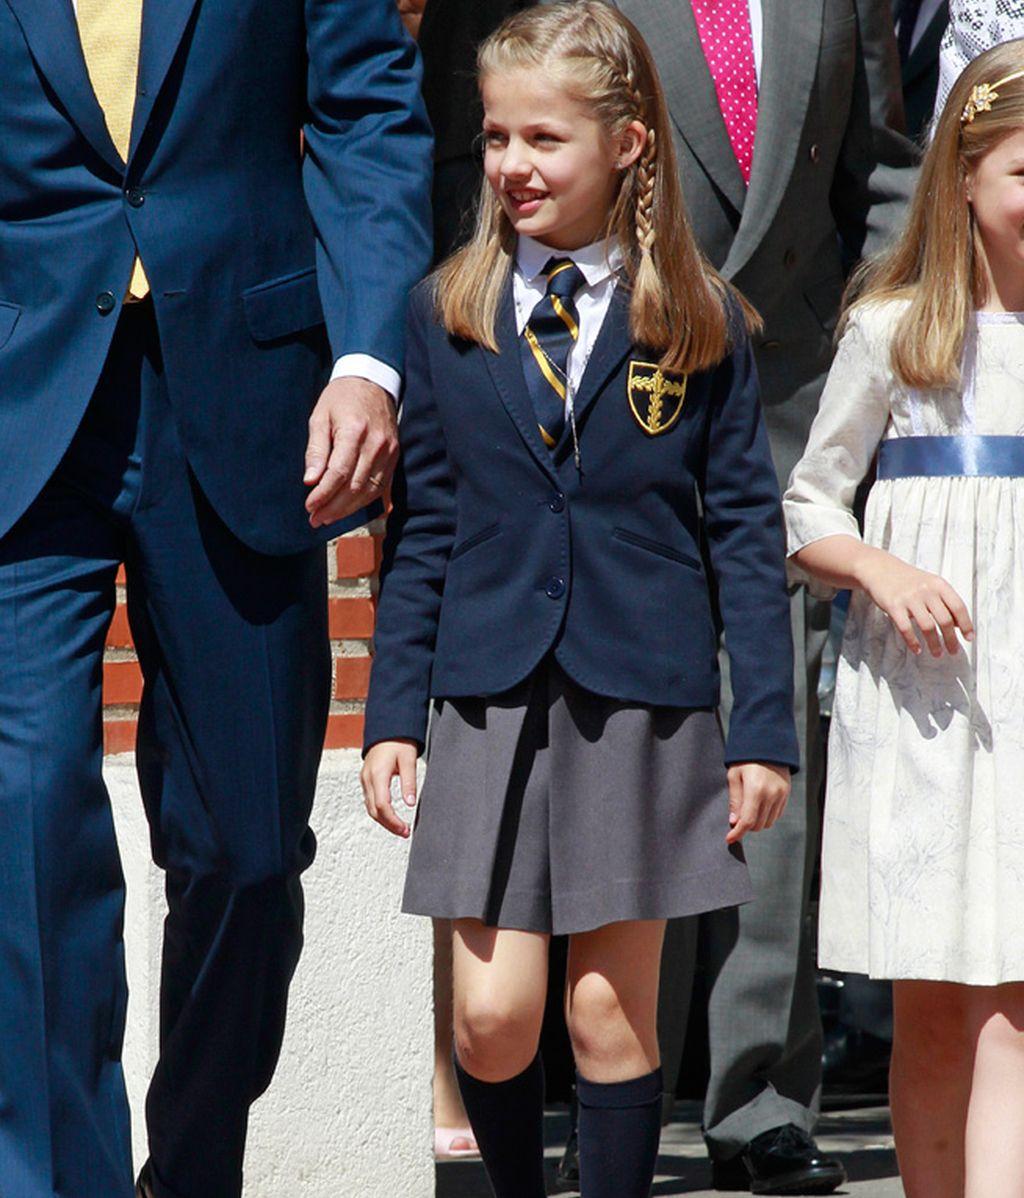 La Princesa Leonor con el uniforme de gala del colegio